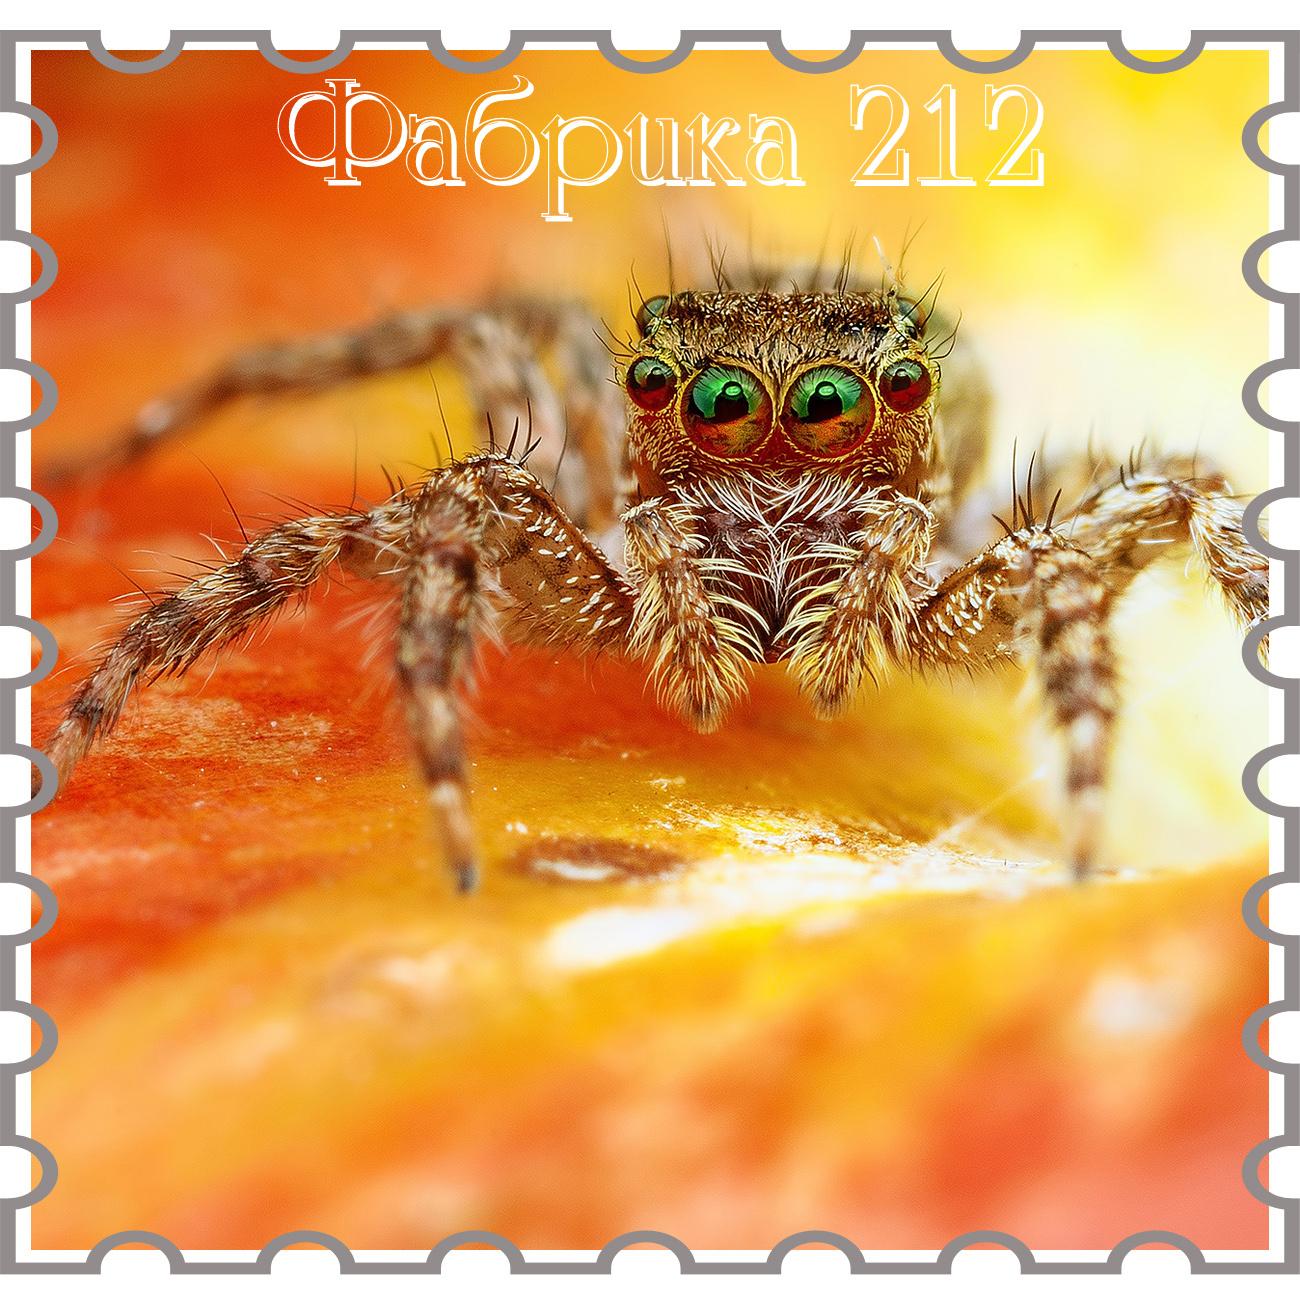 http://fabrika212.blogspot.de/2015/08/blog-post_20.html